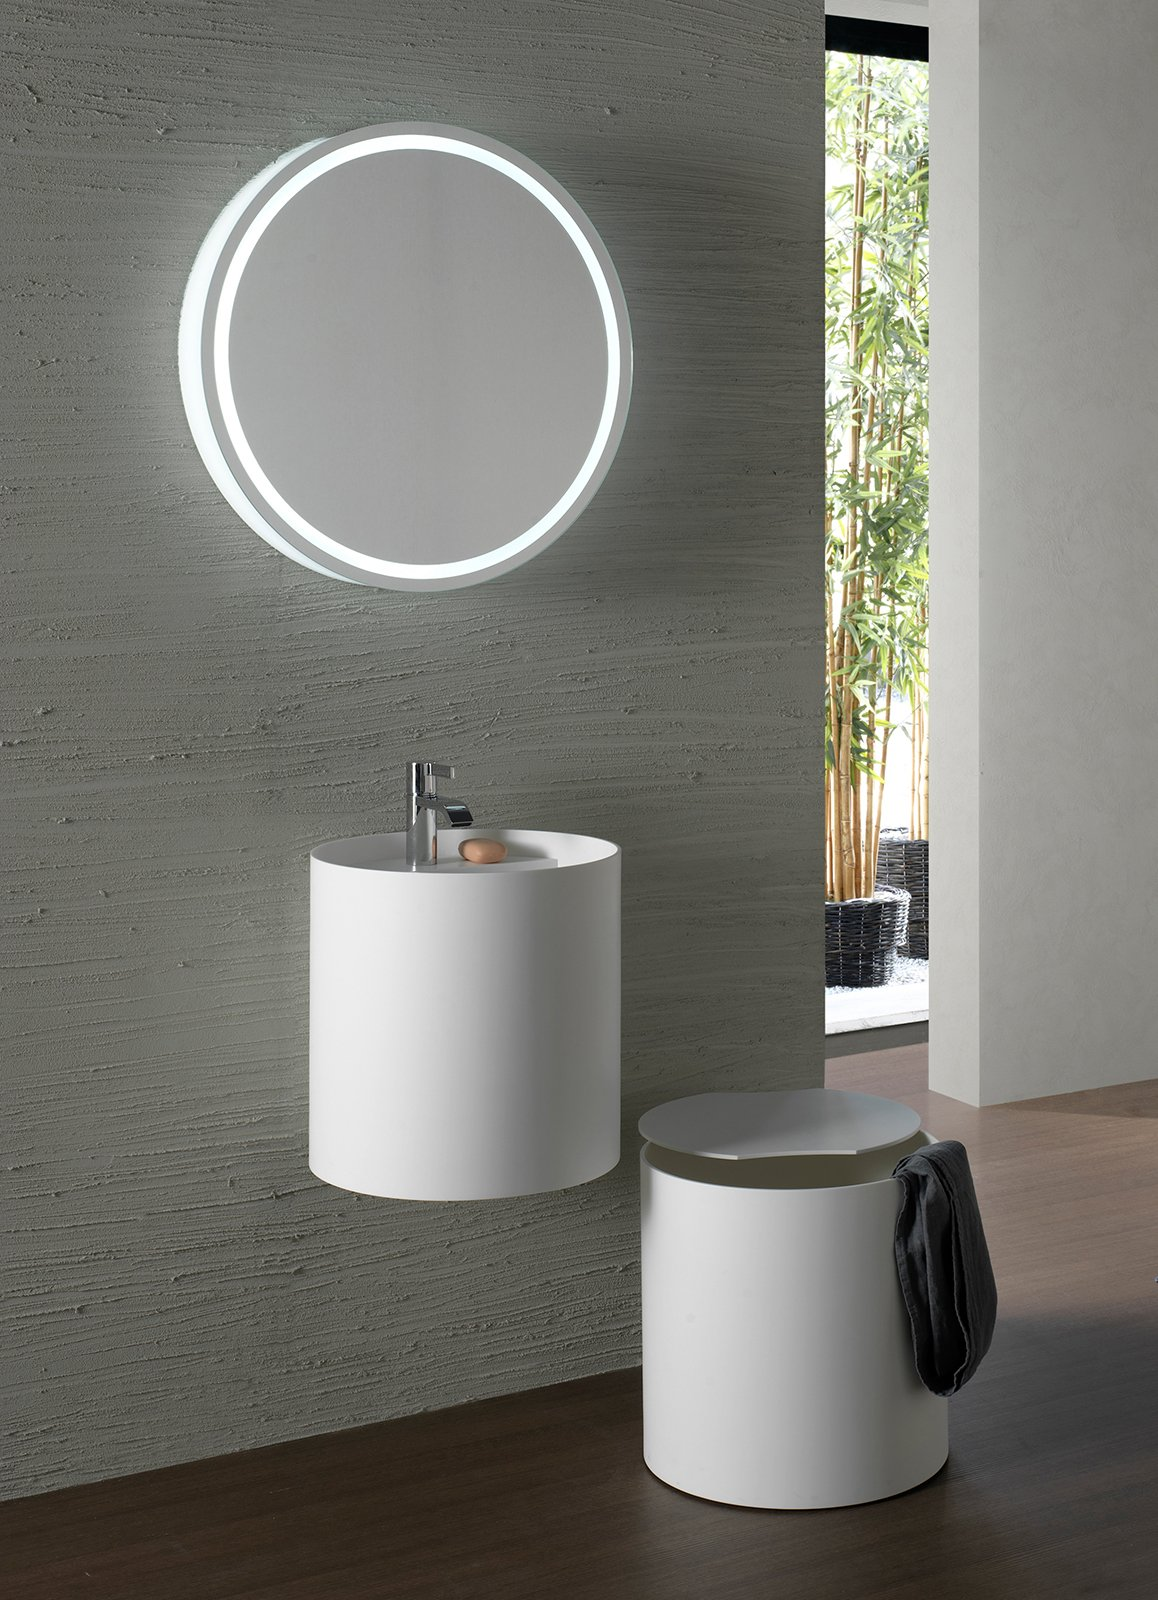 Specchi per il bagno cose di casa - Specchi ikea bagno ...